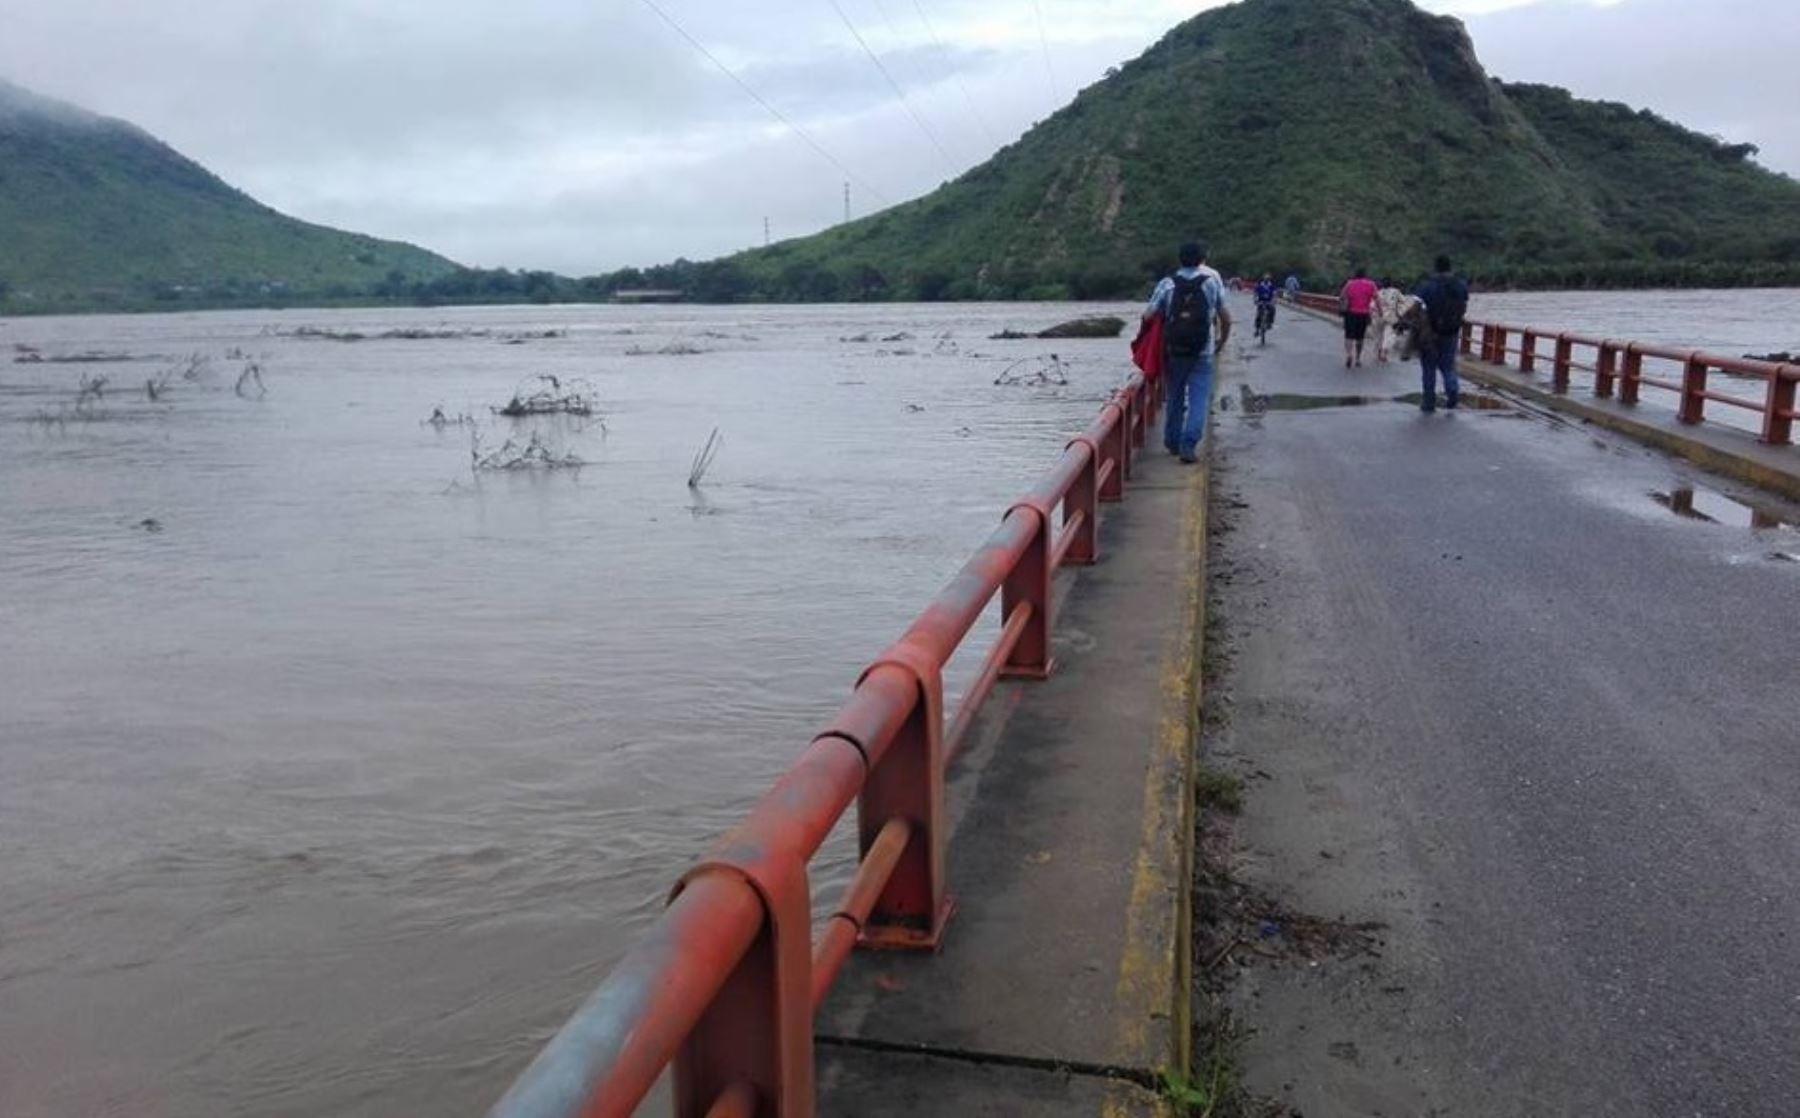 Un equipo de investigadores de la Facultad de Ingeniería de la Universidad de Piura desarrolló un proyecto para implementar un radar que mide la formación y ocurrencia de lluvias, el primero de su tipo en el Perú que contribuirá a prevenir inundaciones y con ello daños a la agricultura y otros sectores en la región más castigada por El Niño costero. ANDINA/Difusión